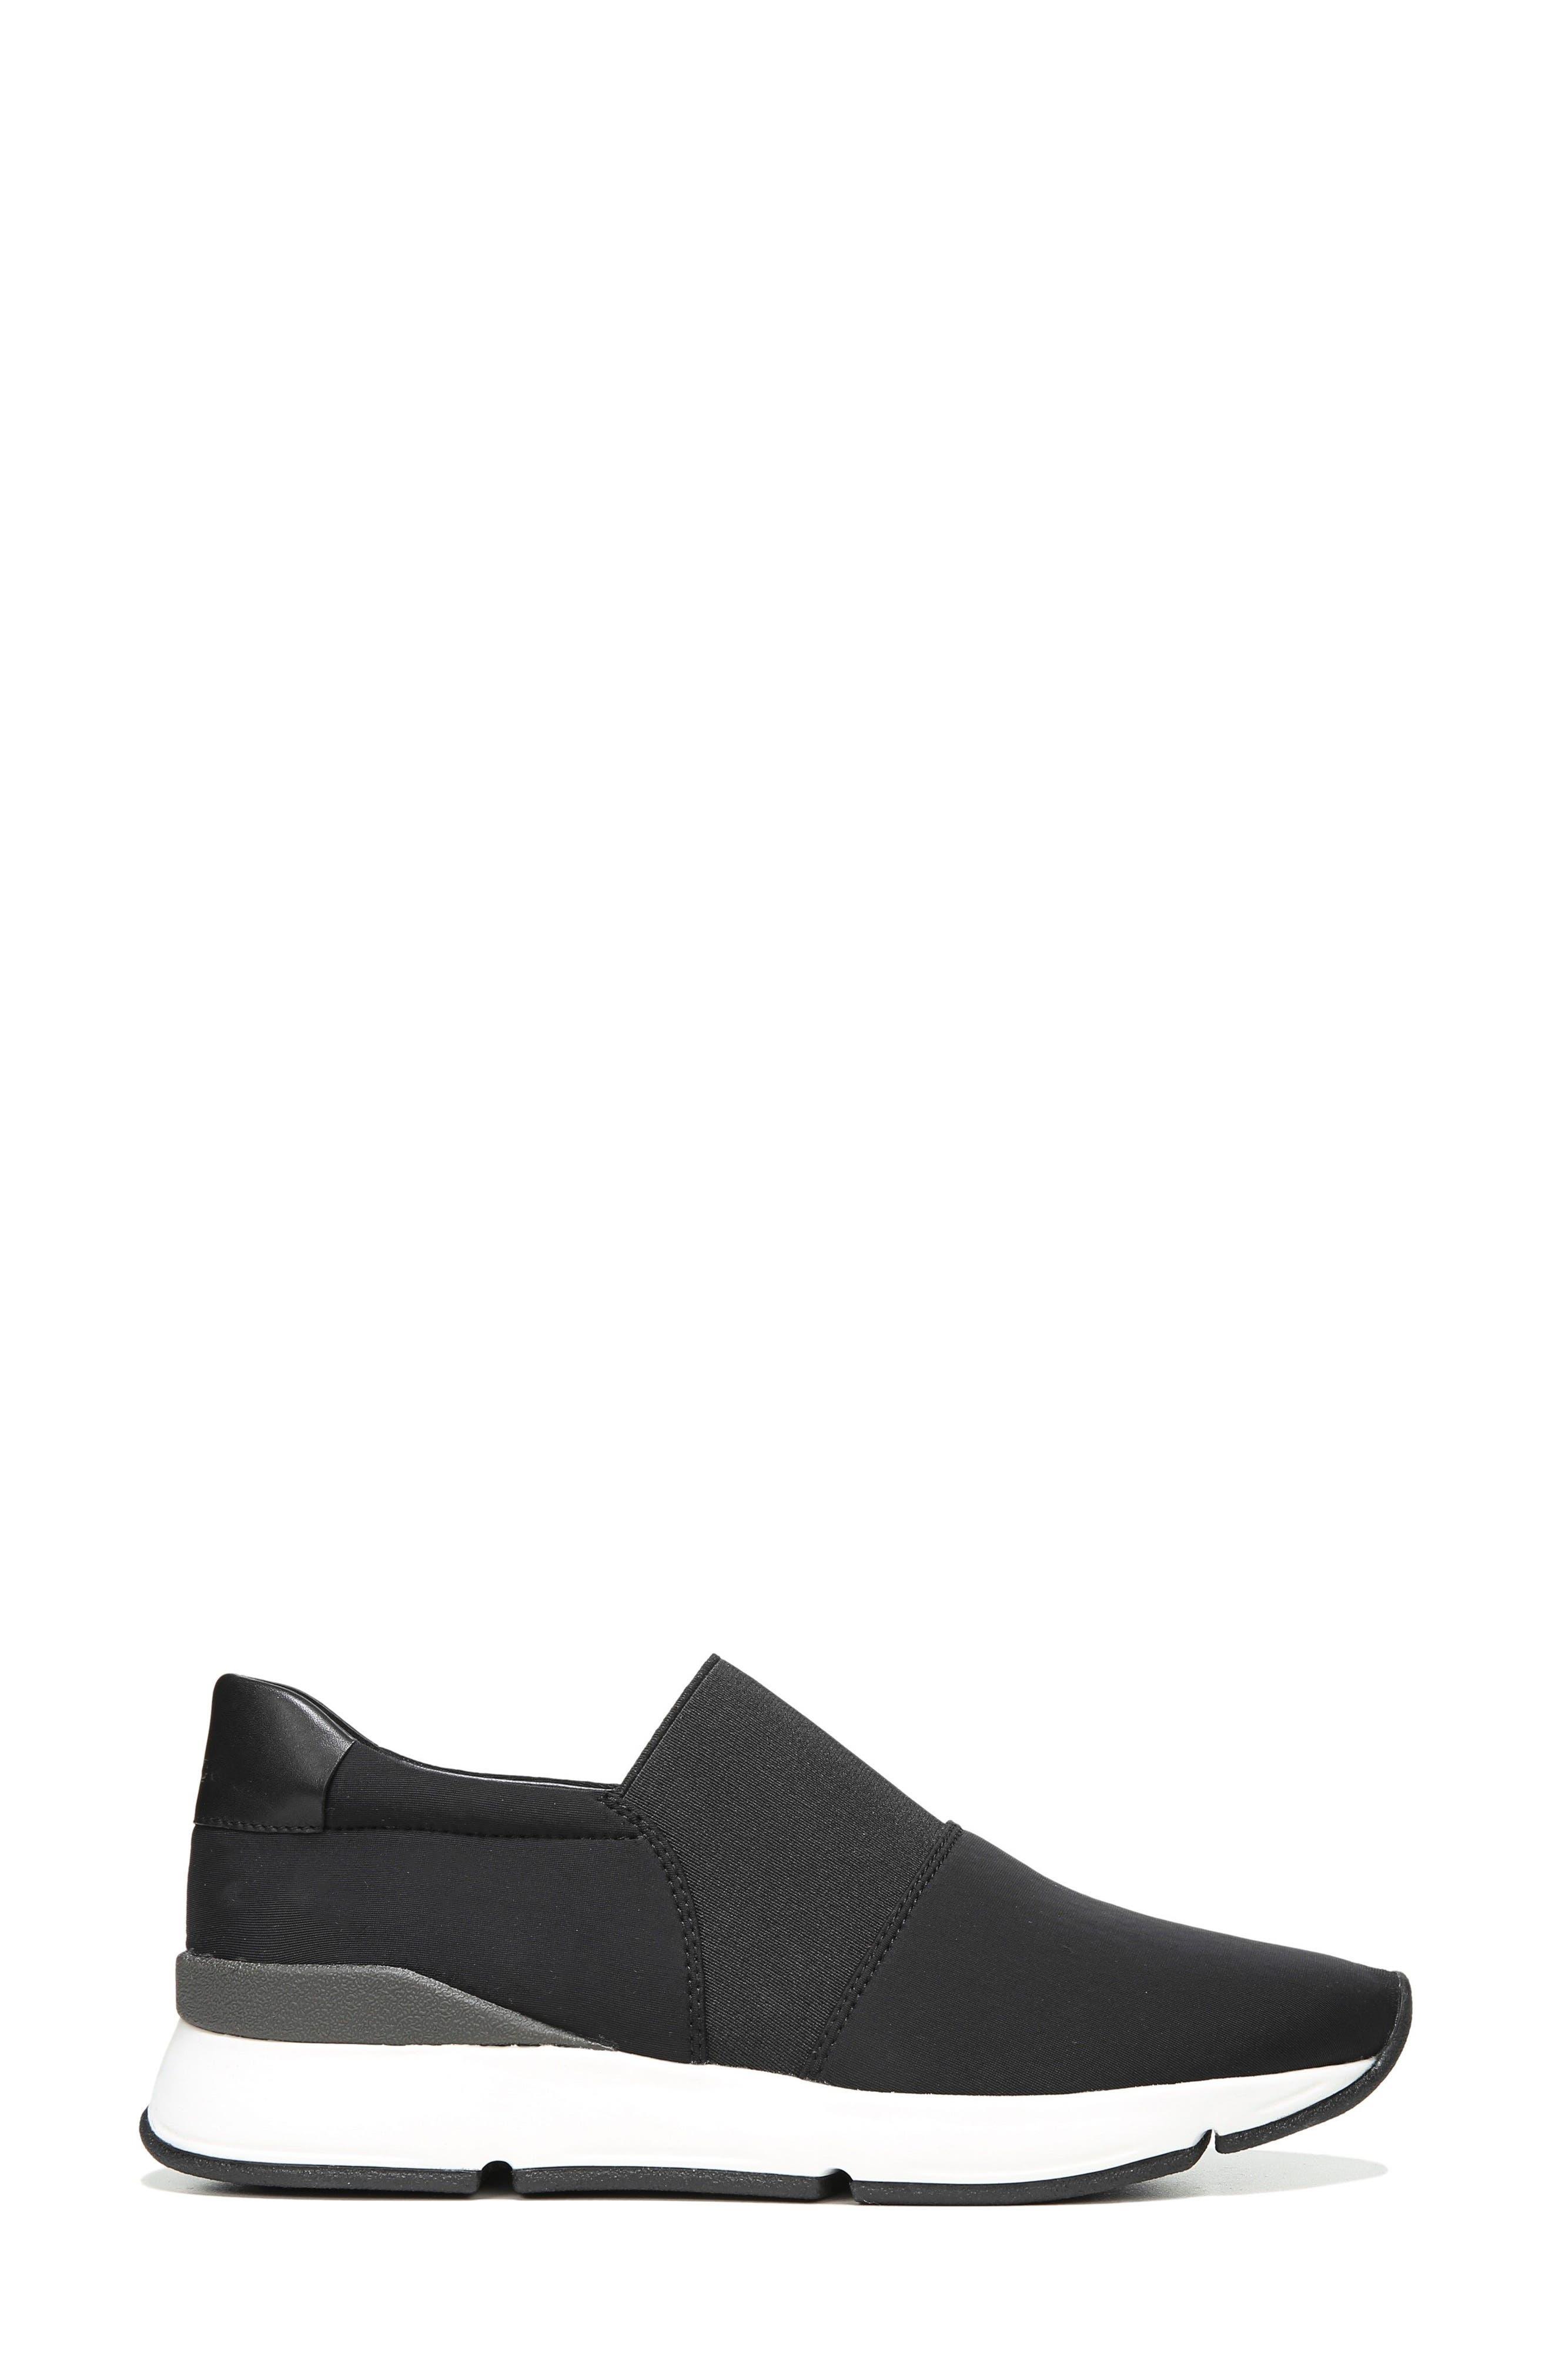 Truscott Slip-On Sneaker,                             Alternate thumbnail 3, color,                             001